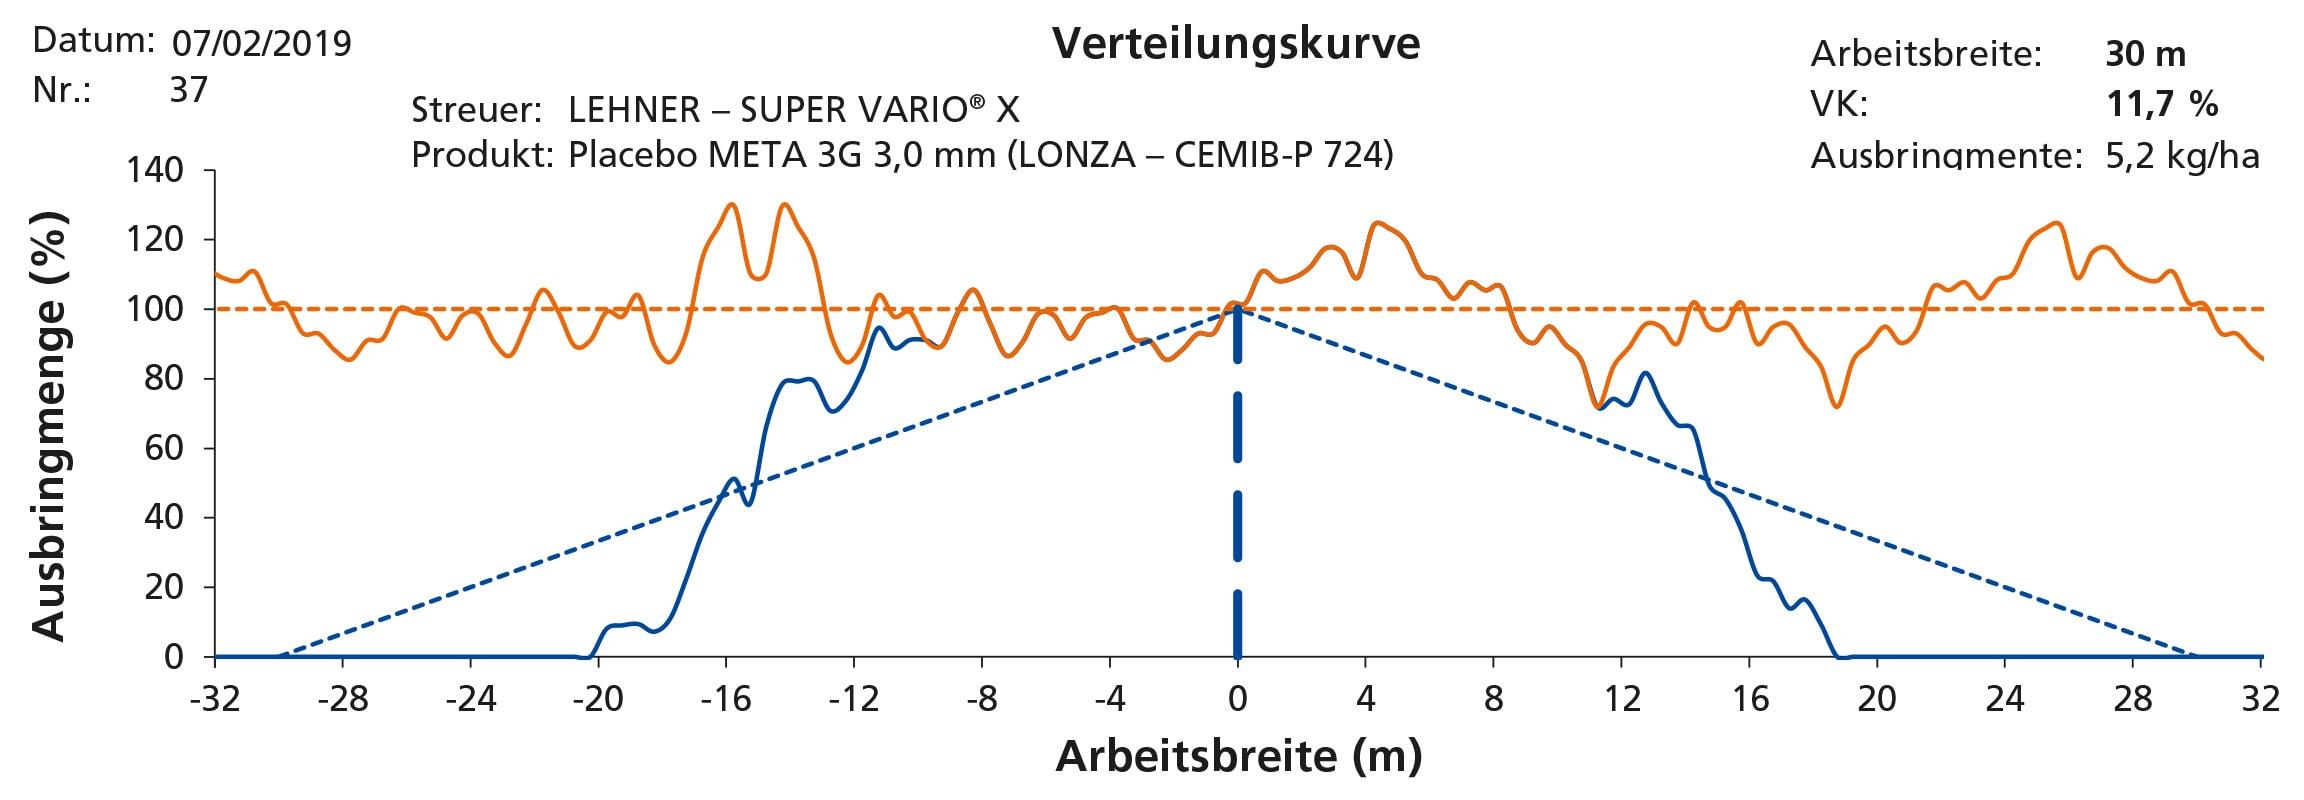 Variationskoeffizient 11,7 % bei 28m Streubreite